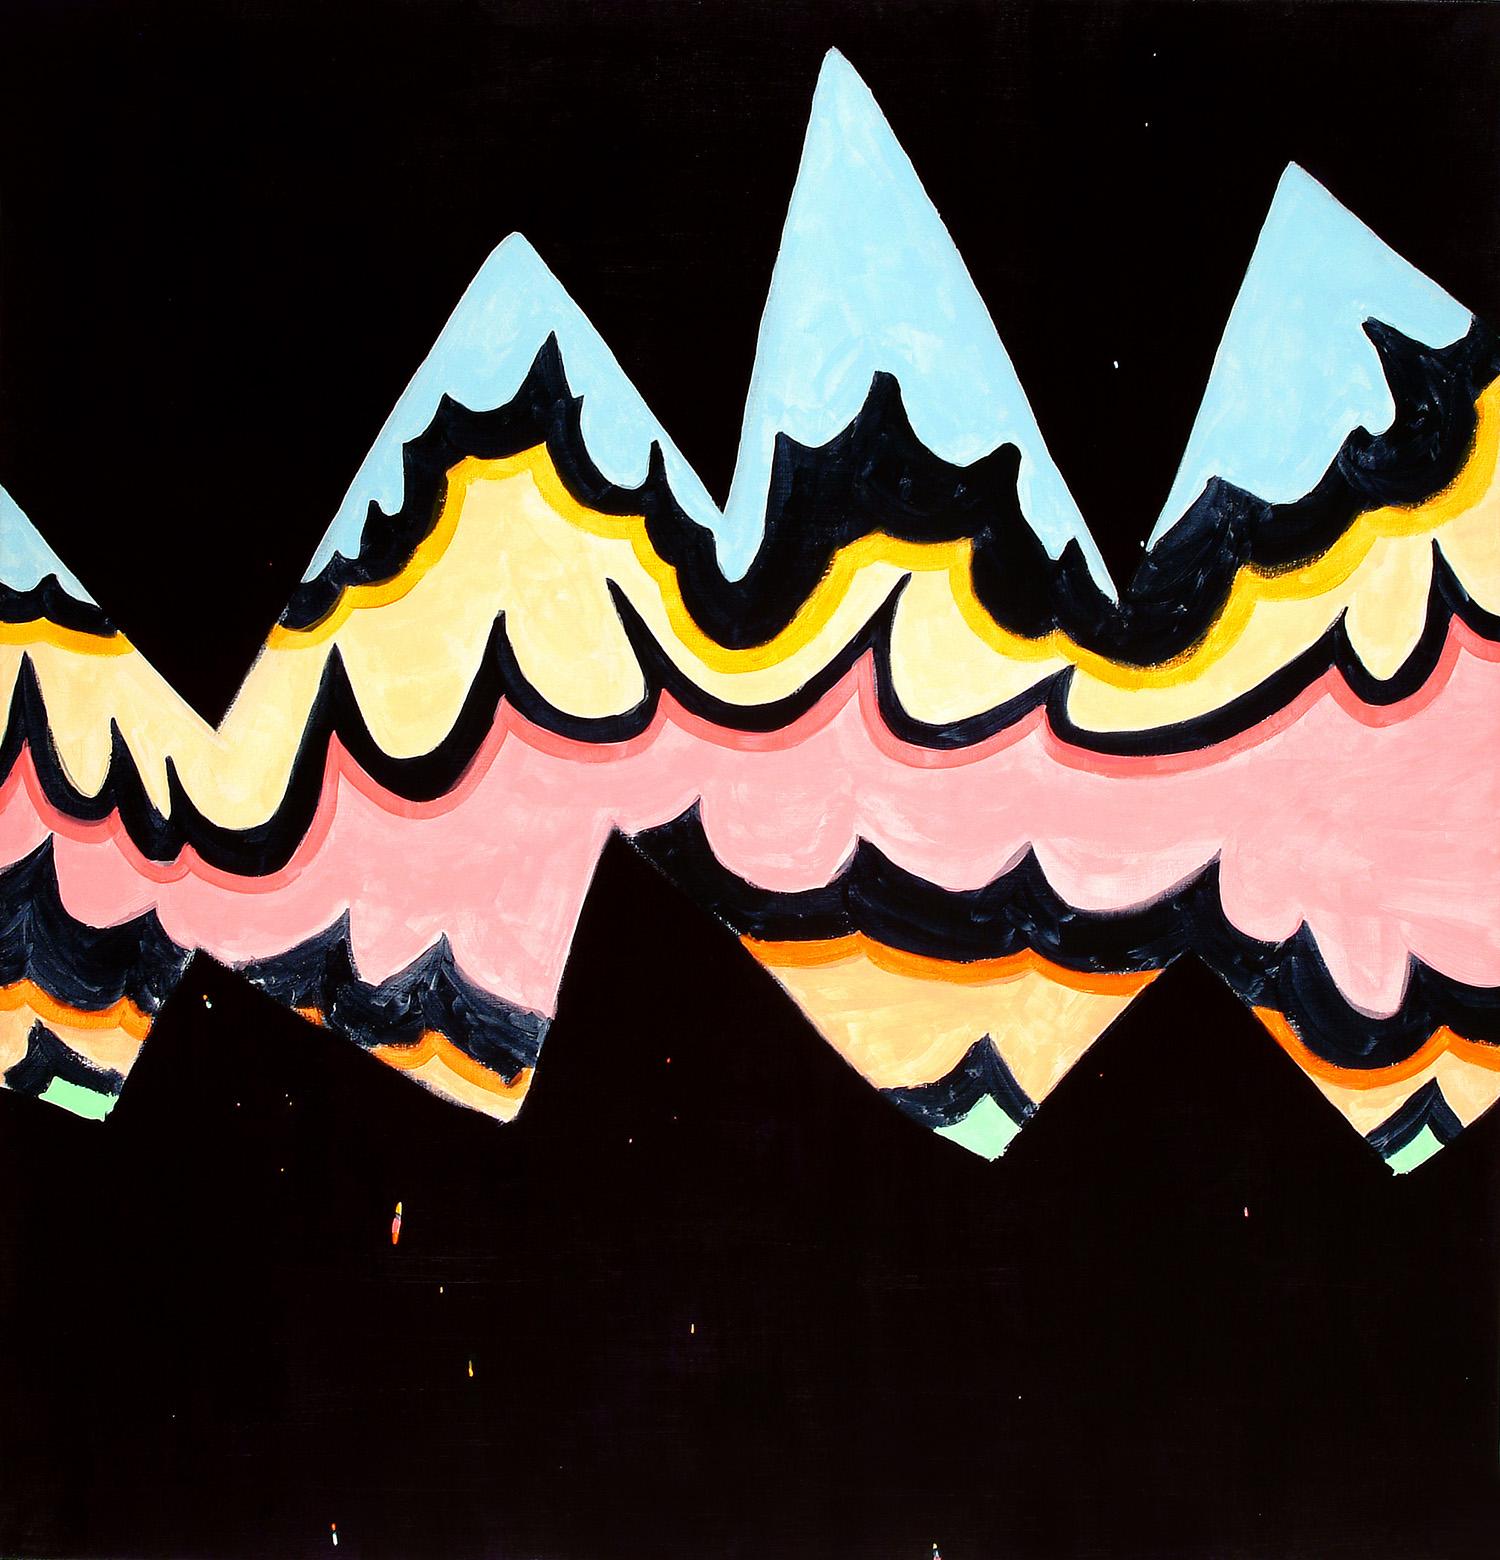 Big Rock Candy | 2006 | Acryl auf Leinwand |112 x 107 cm